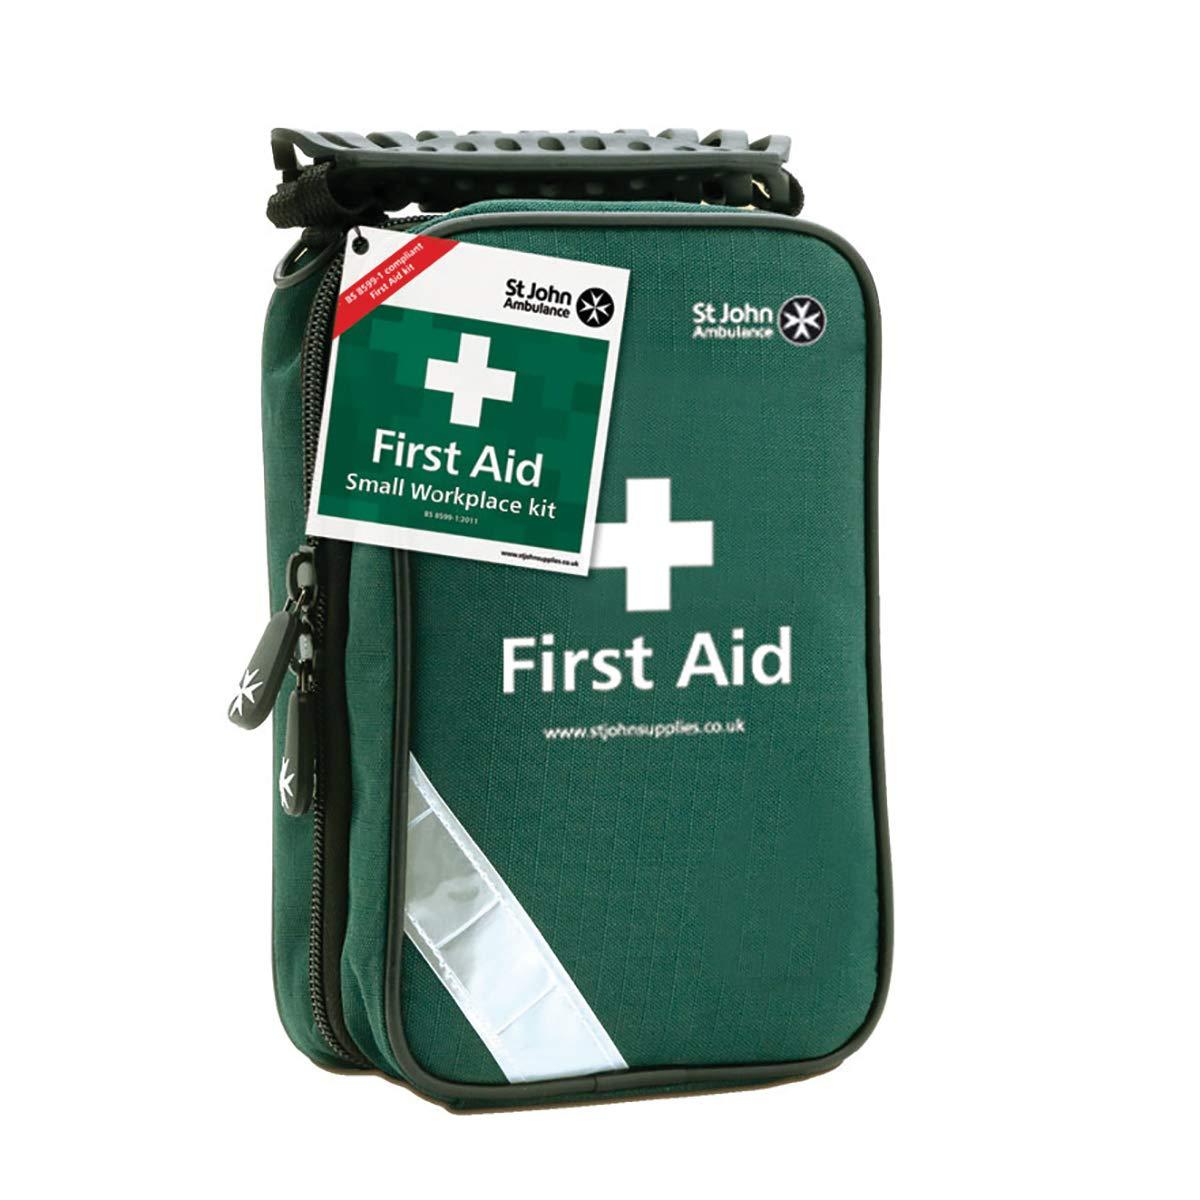 Large Zenith Workplace First Aid kit St John Ambulance F30612